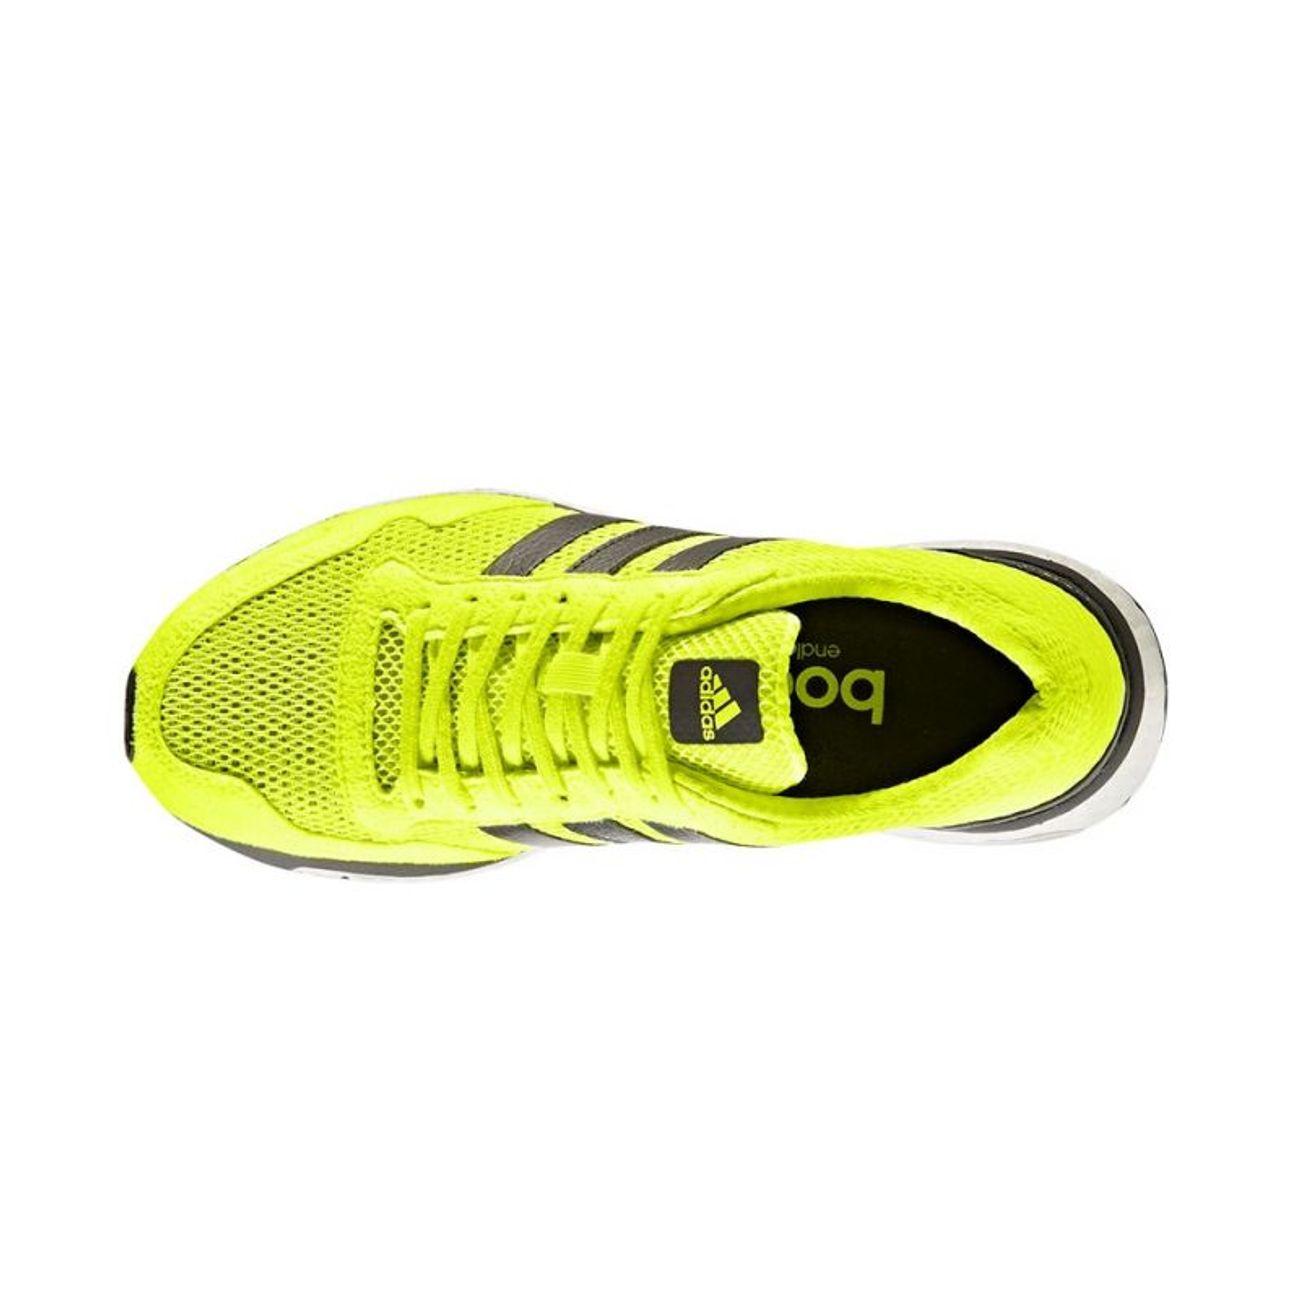 Nouveauté Chez Adidas Courir Chaussures MpqzUVGS